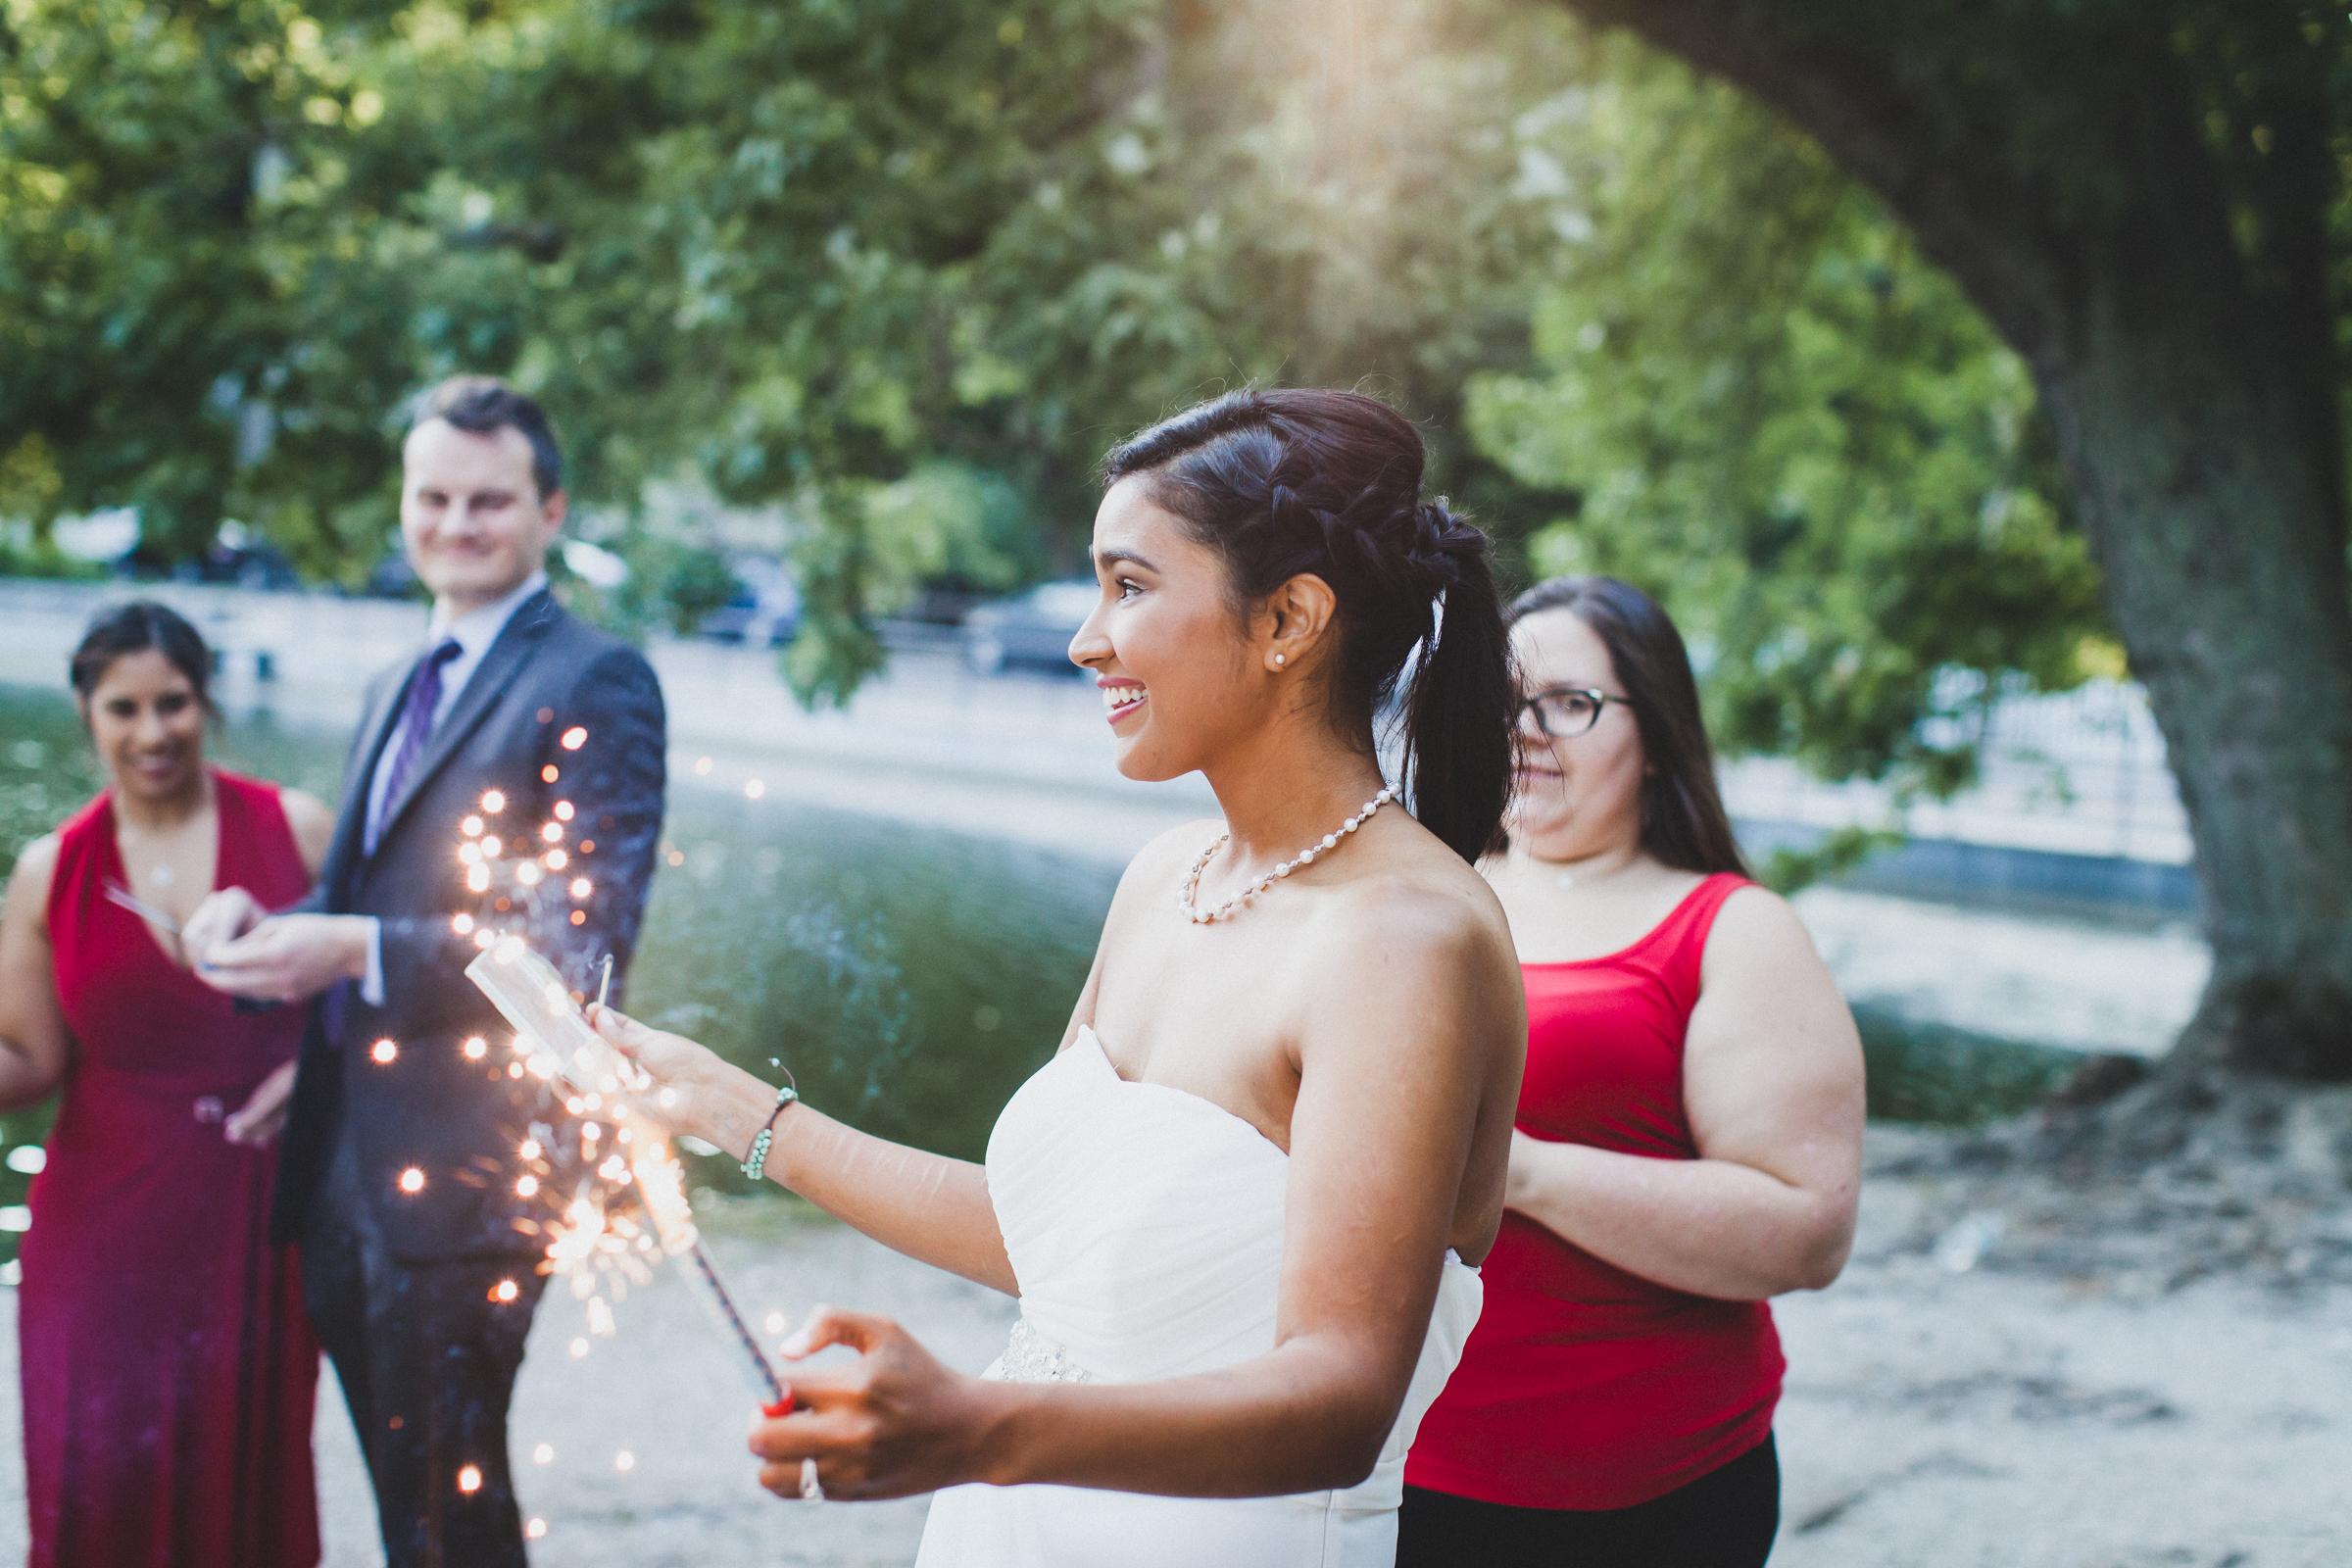 Long-Island-Documentary-Wedding-Photographer-Avalon-Park-Wedding-Photos-45.jpg